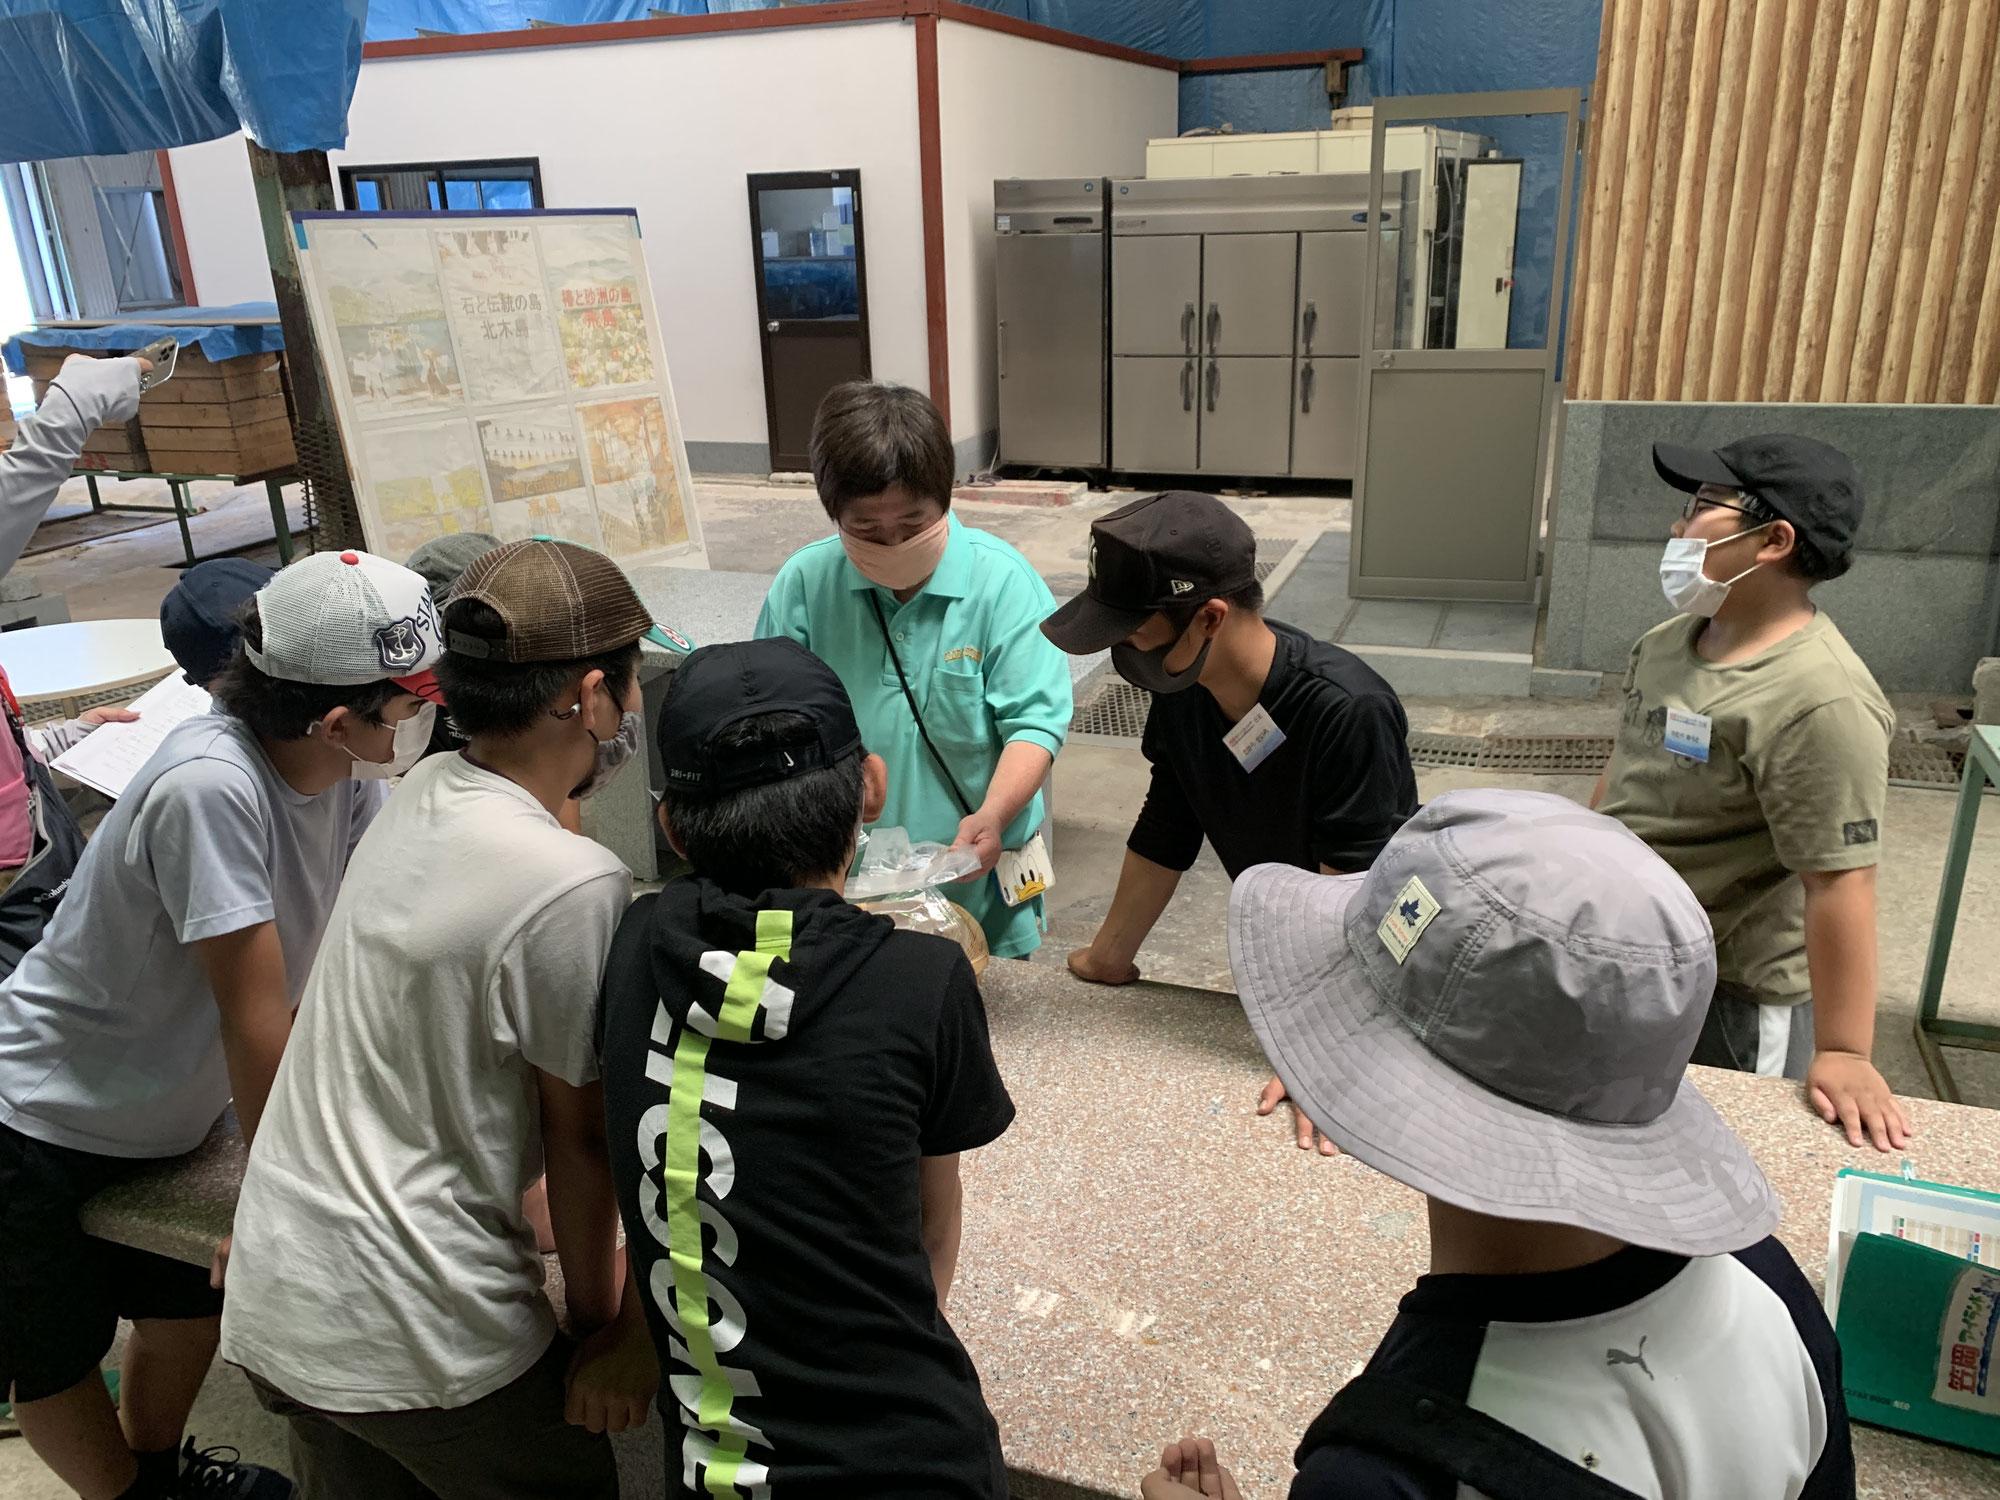 笠岡の海と文化を学ぶお手伝いをさせて頂きました!